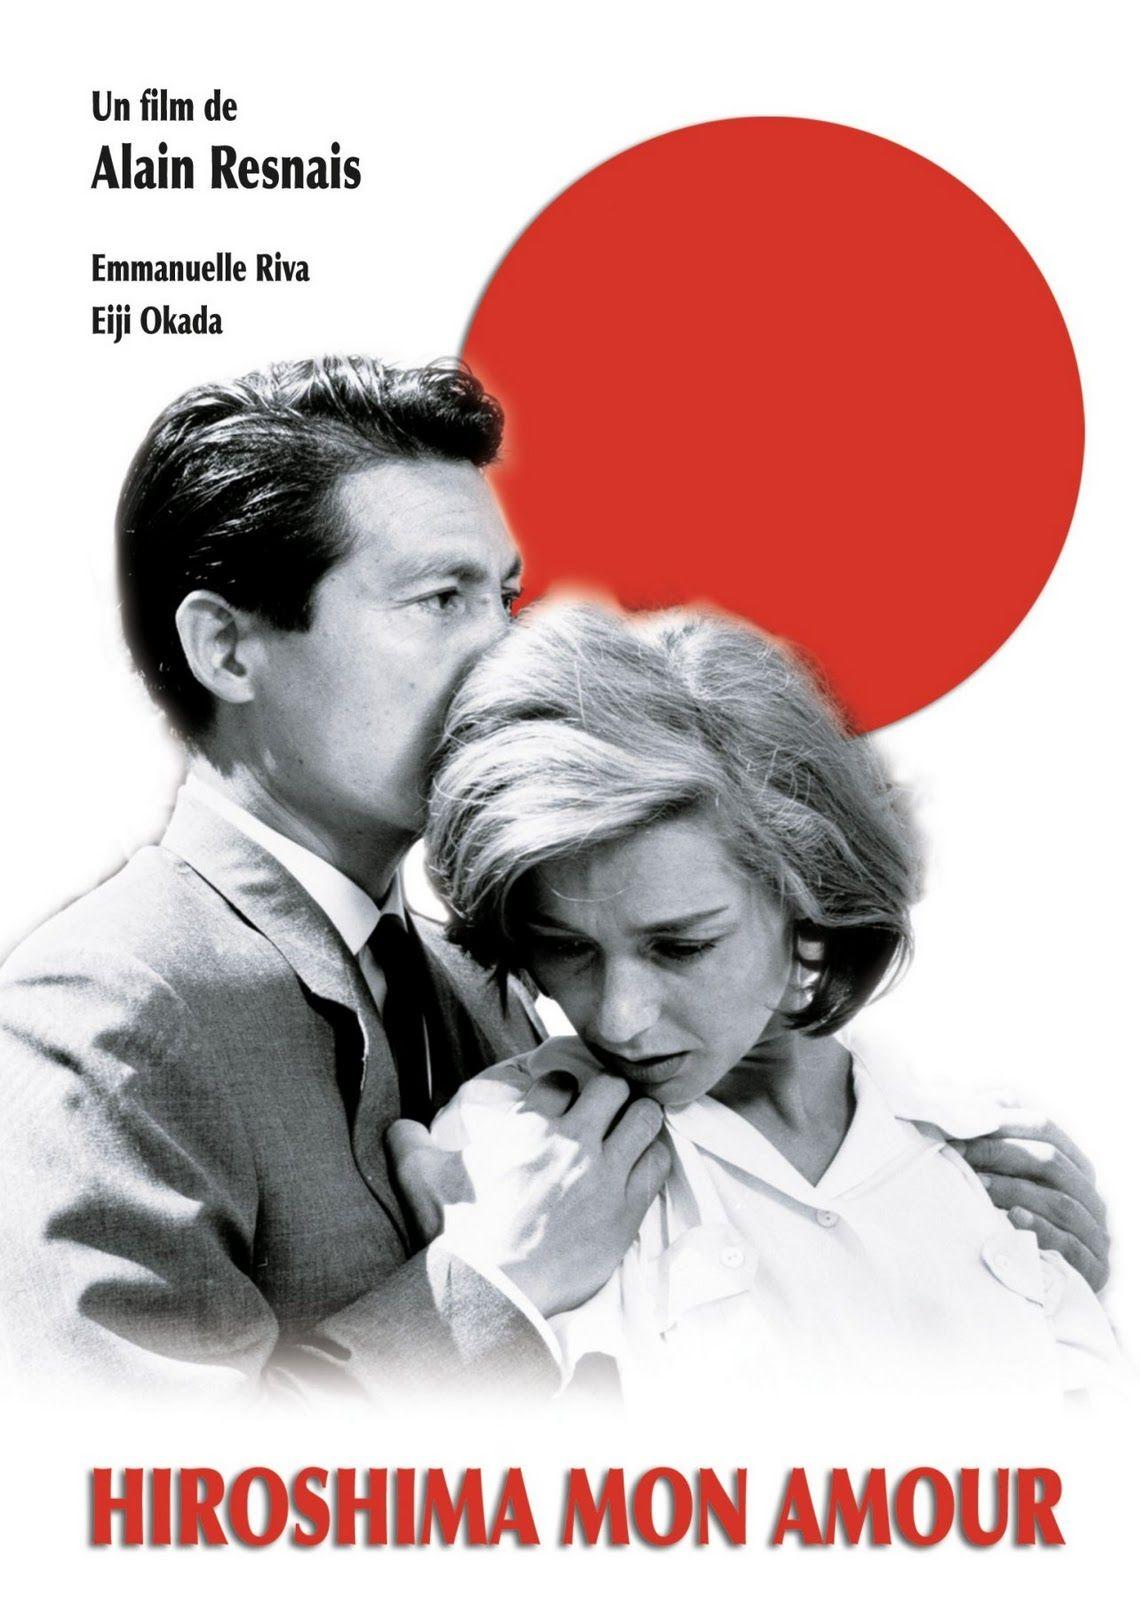 Hiroshima meu amor online dating